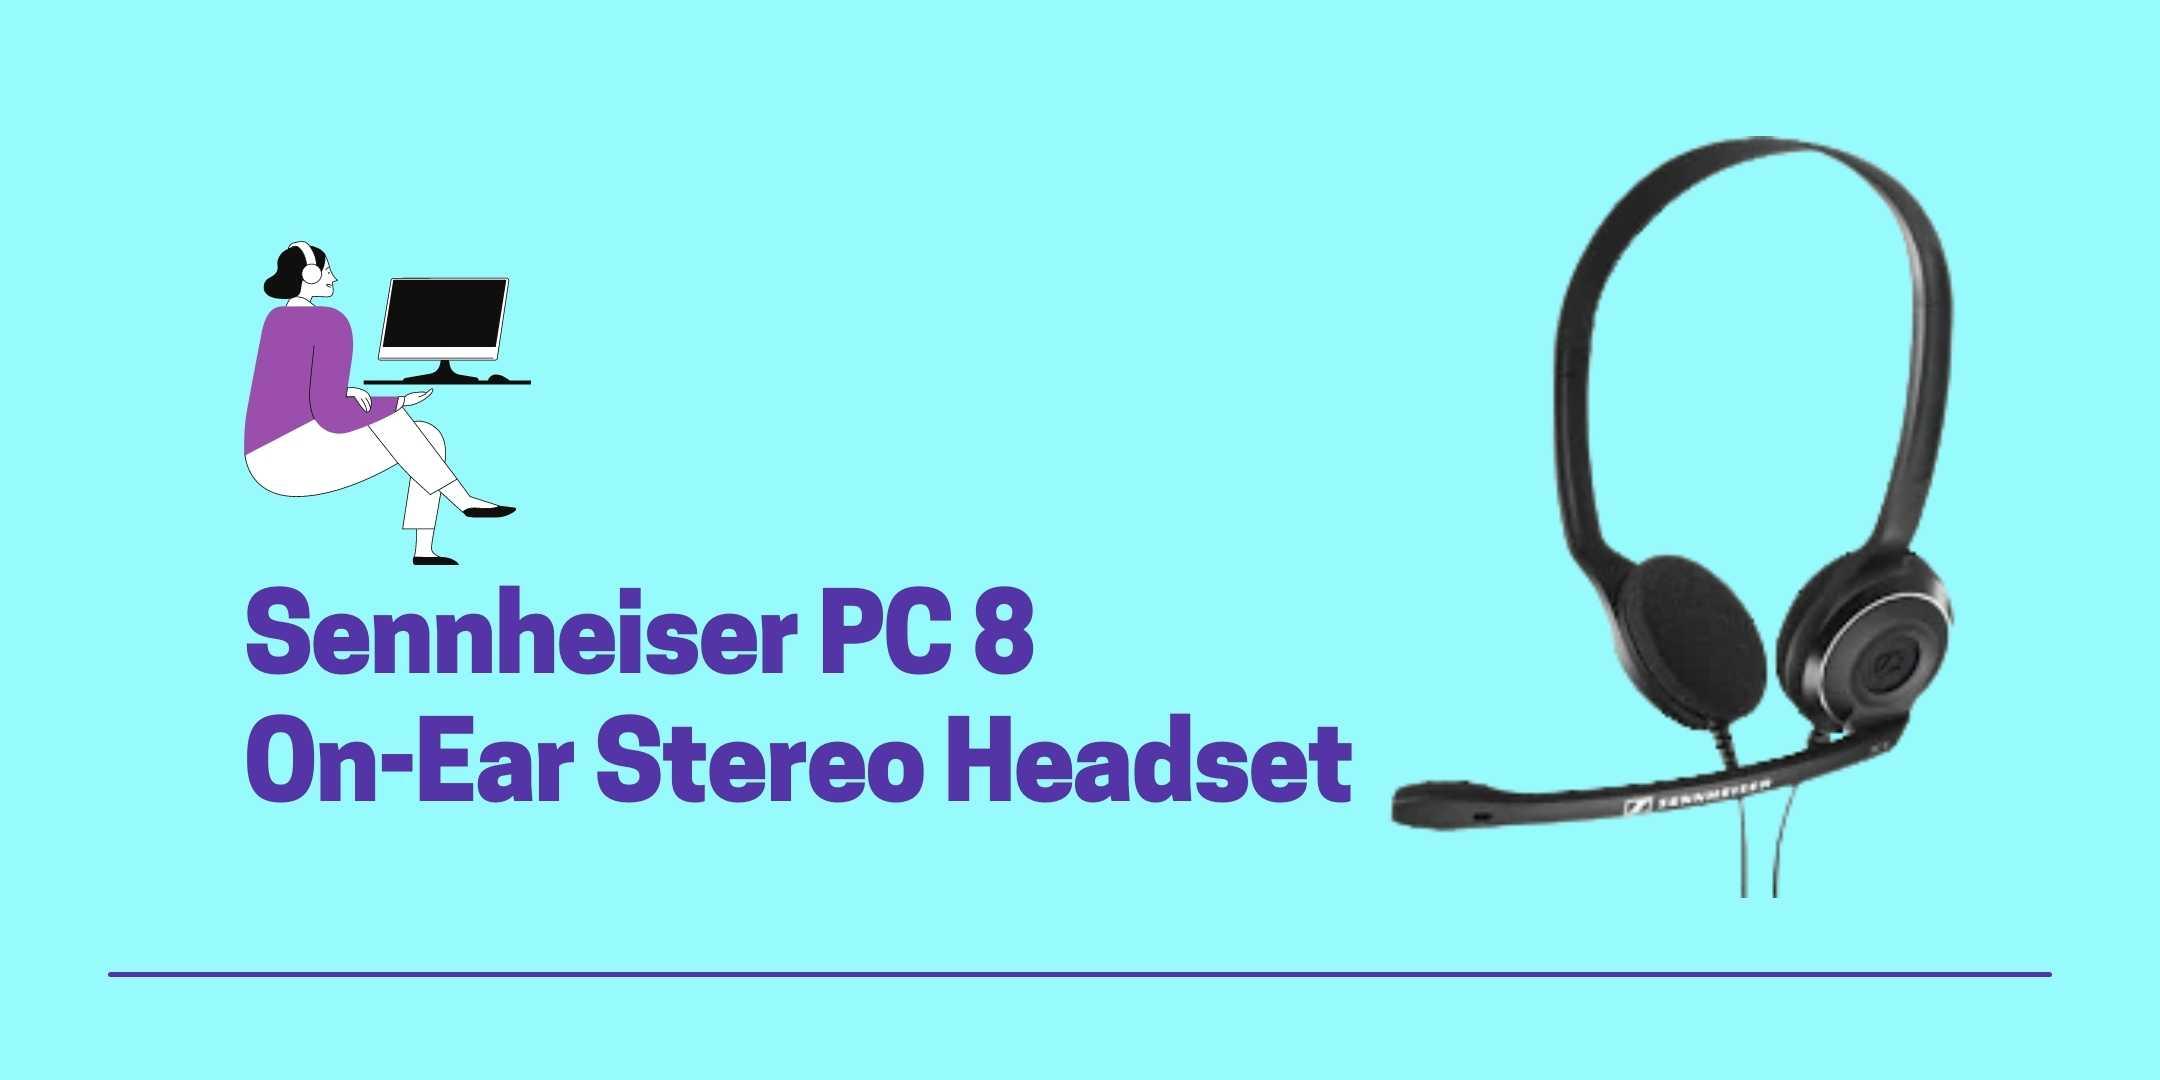 Sennheiser PC 8 On-Ear Stereo Headset